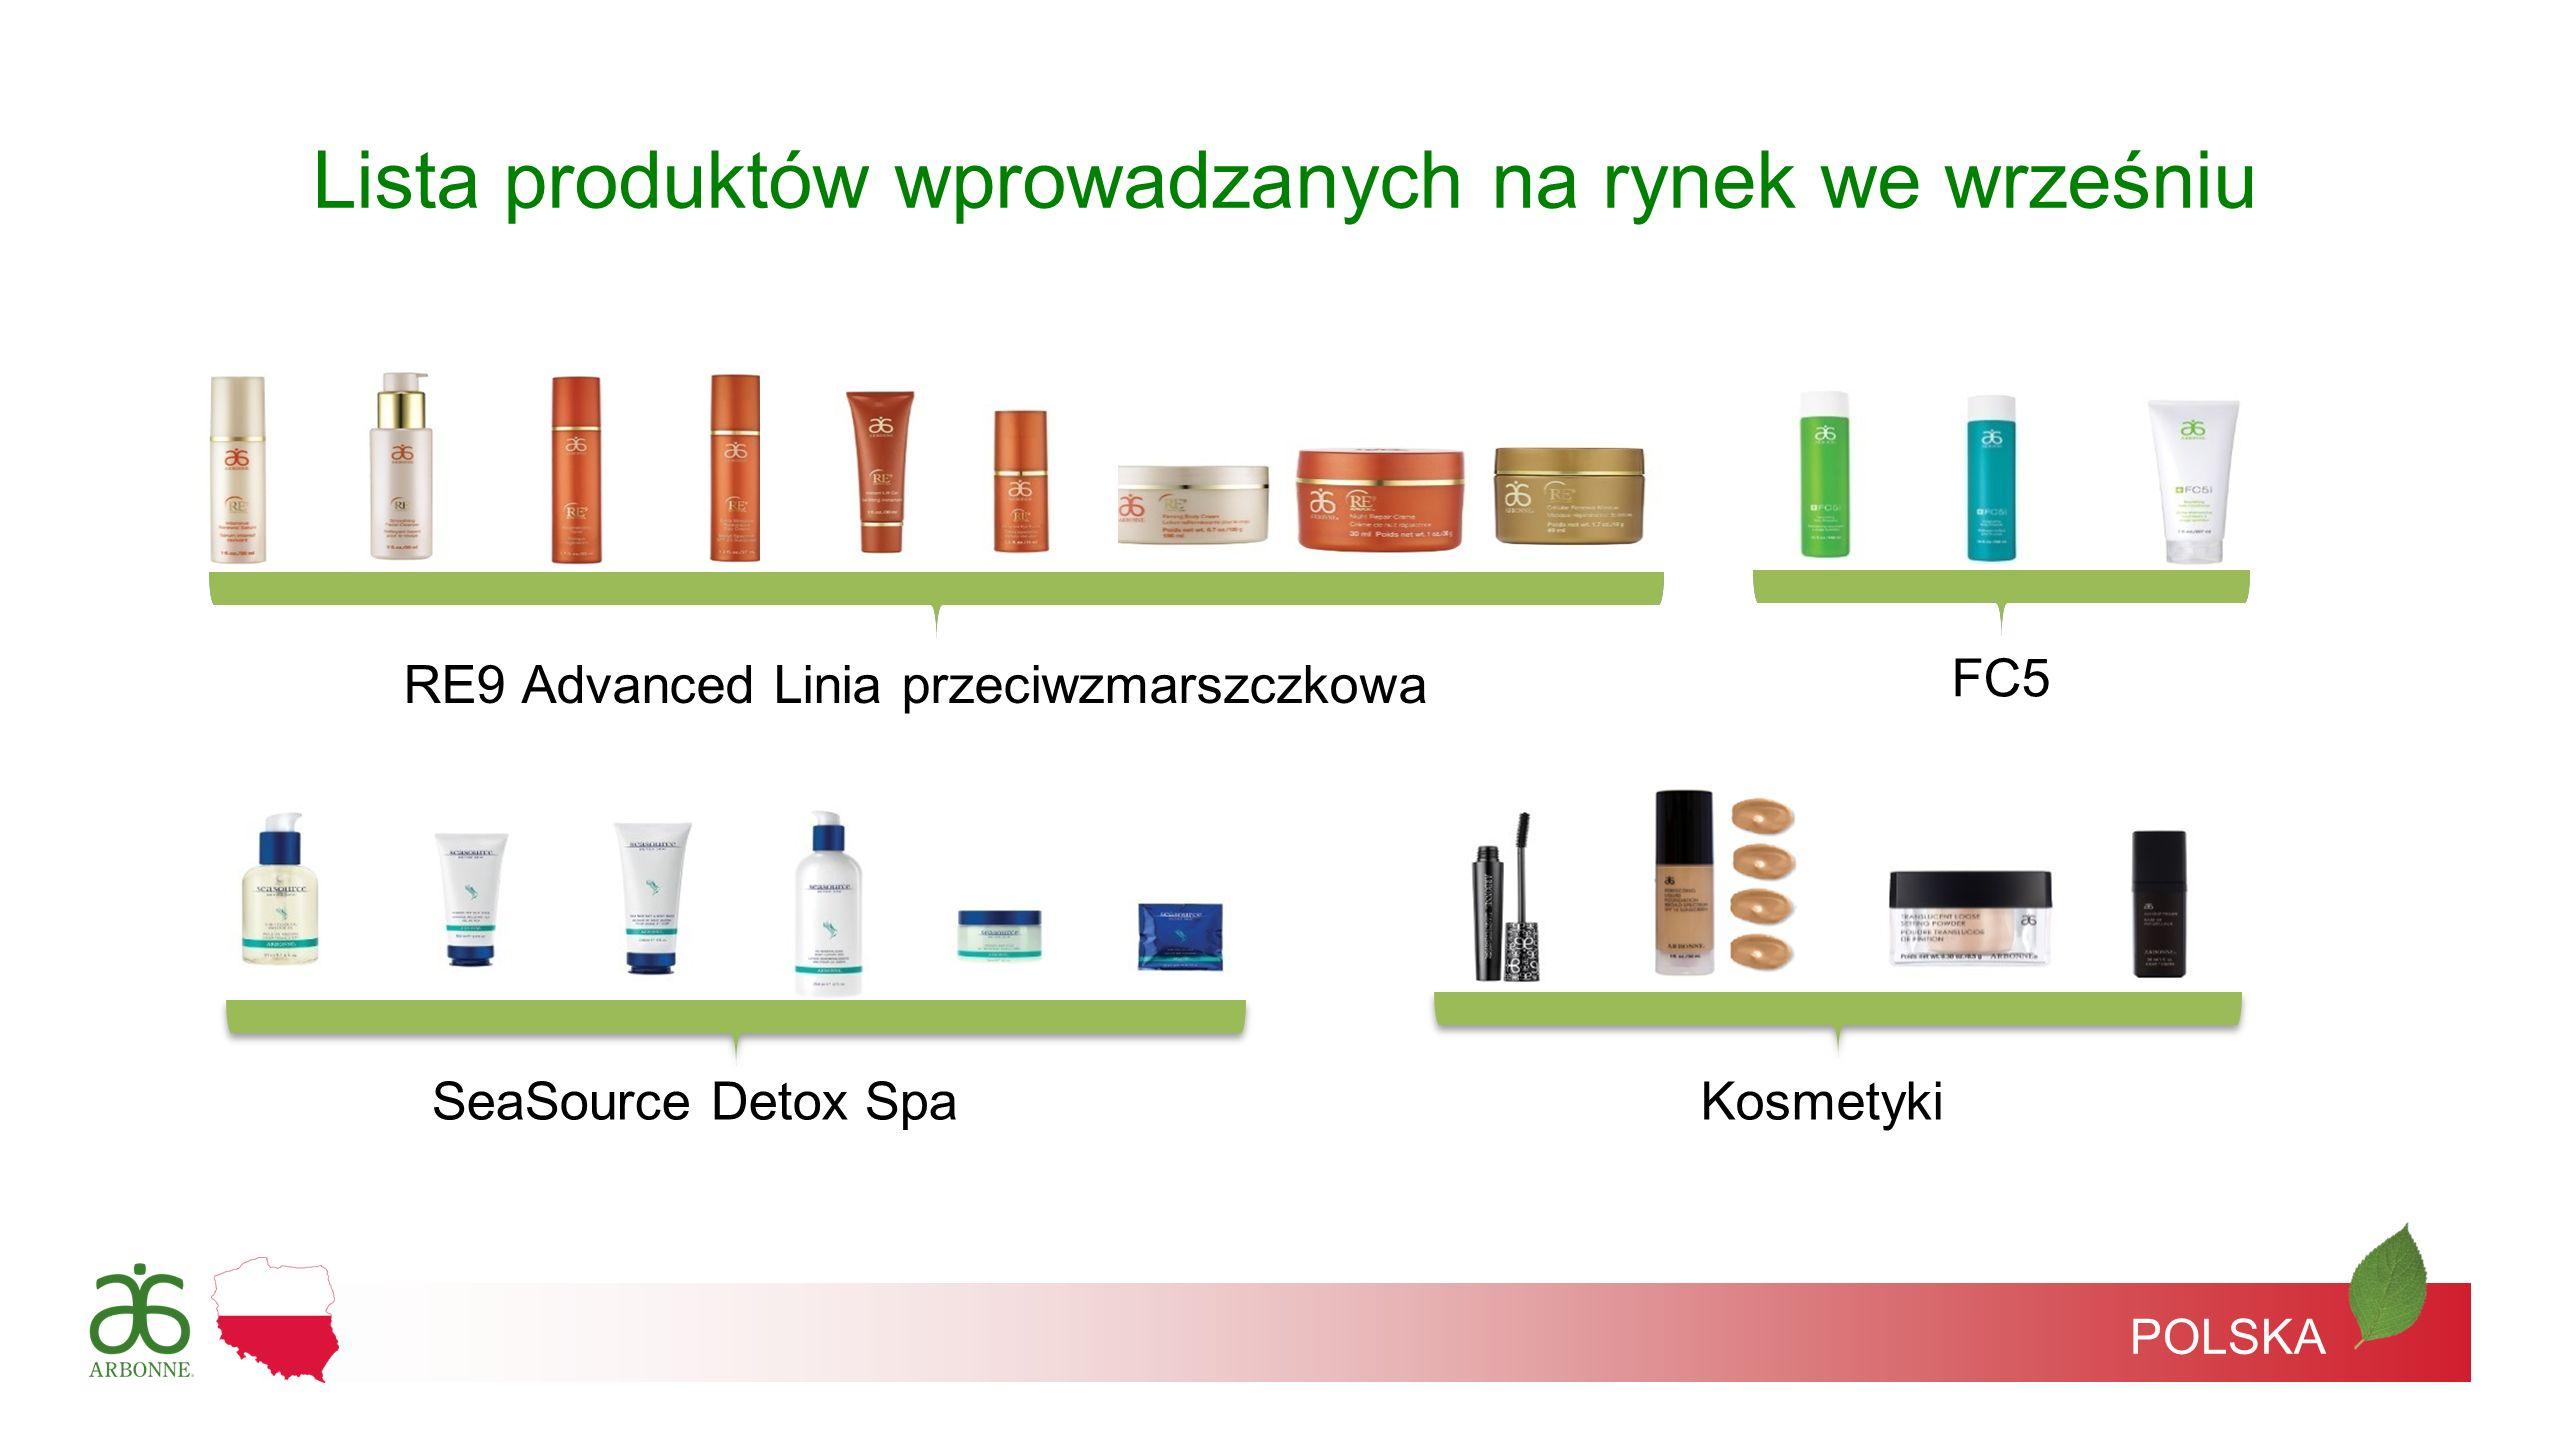 POLSKA RE9 Advanced Linia przeciwzmarszczkowa SeaSource Detox Spa FC5 Kosmetyki Lista produktów wprowadzanych na rynek we wrześniu